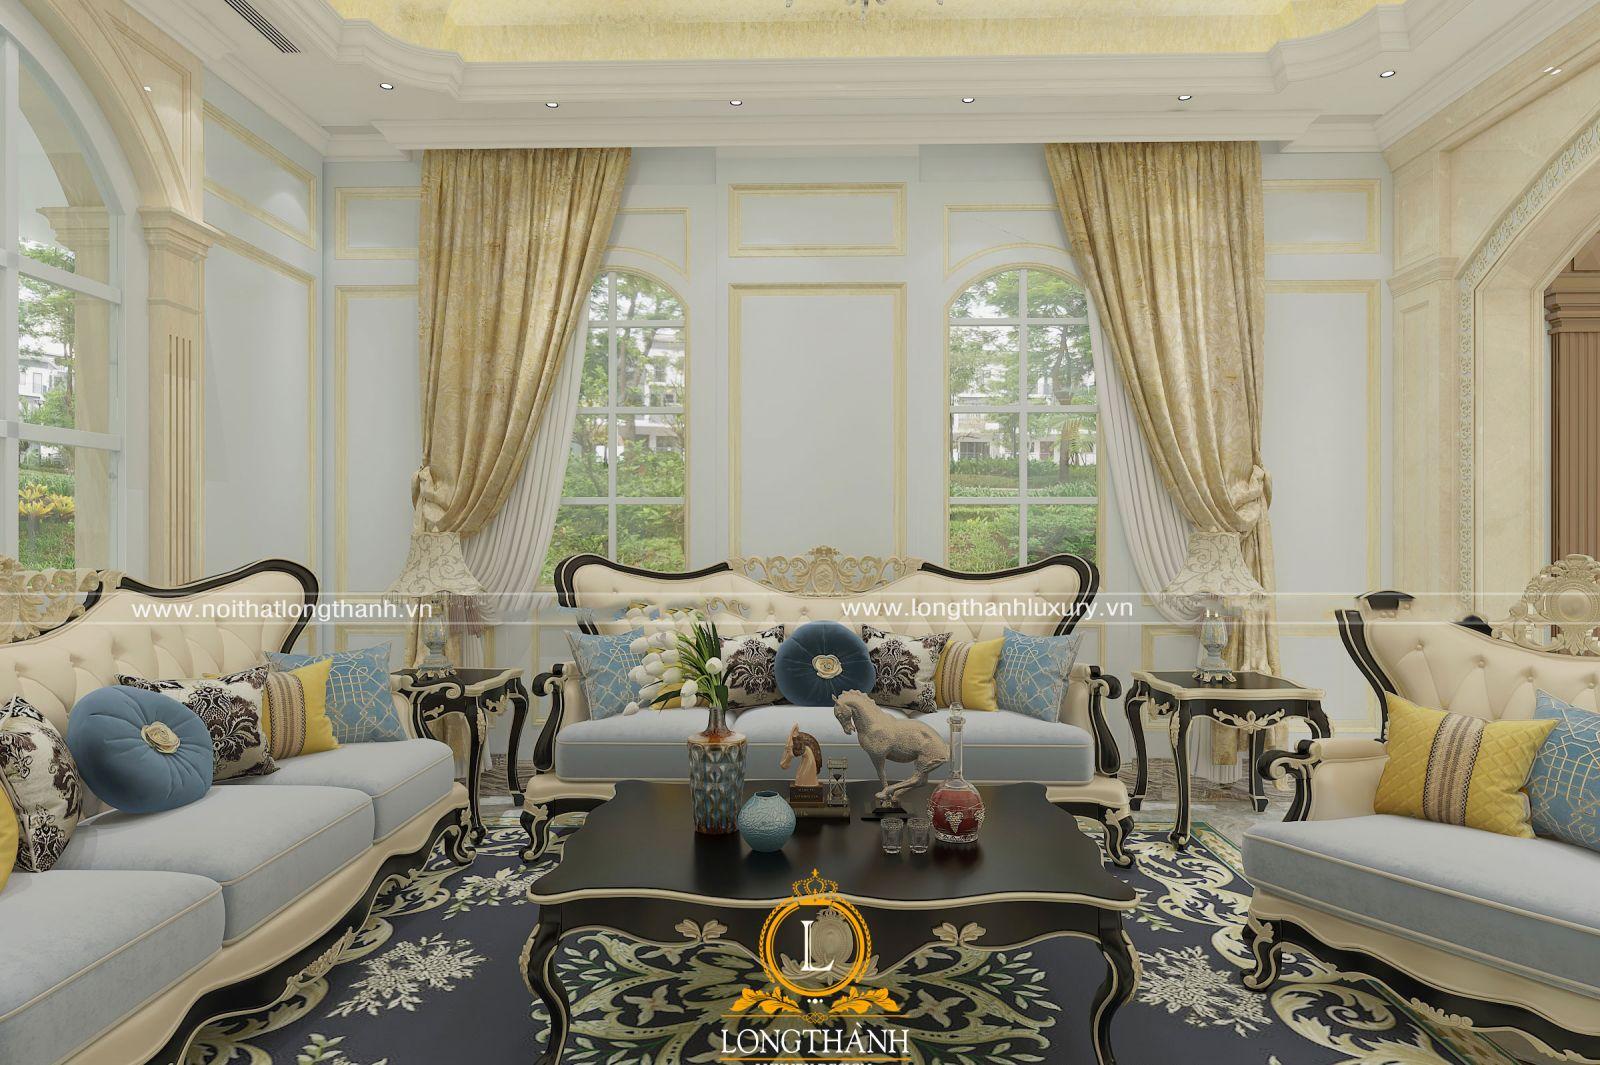 Bộ sofa tân cổ điển được thiết kế theo nhu cầu về thẩm mỹ và không gian phòng khách thực tế